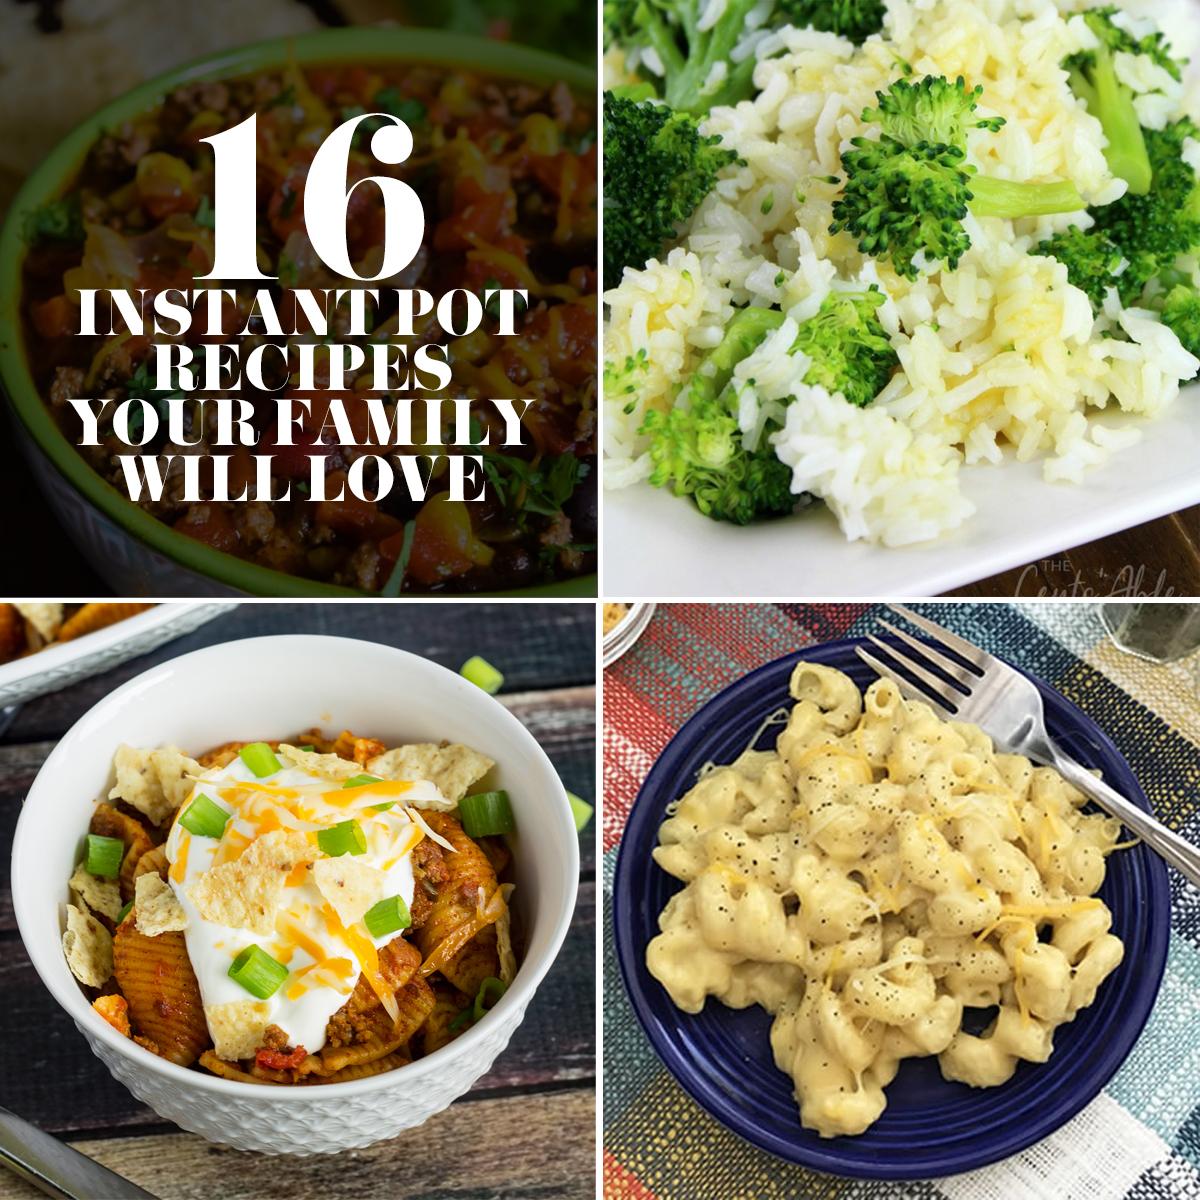 16 Family Friendly Instant Pot Recipes